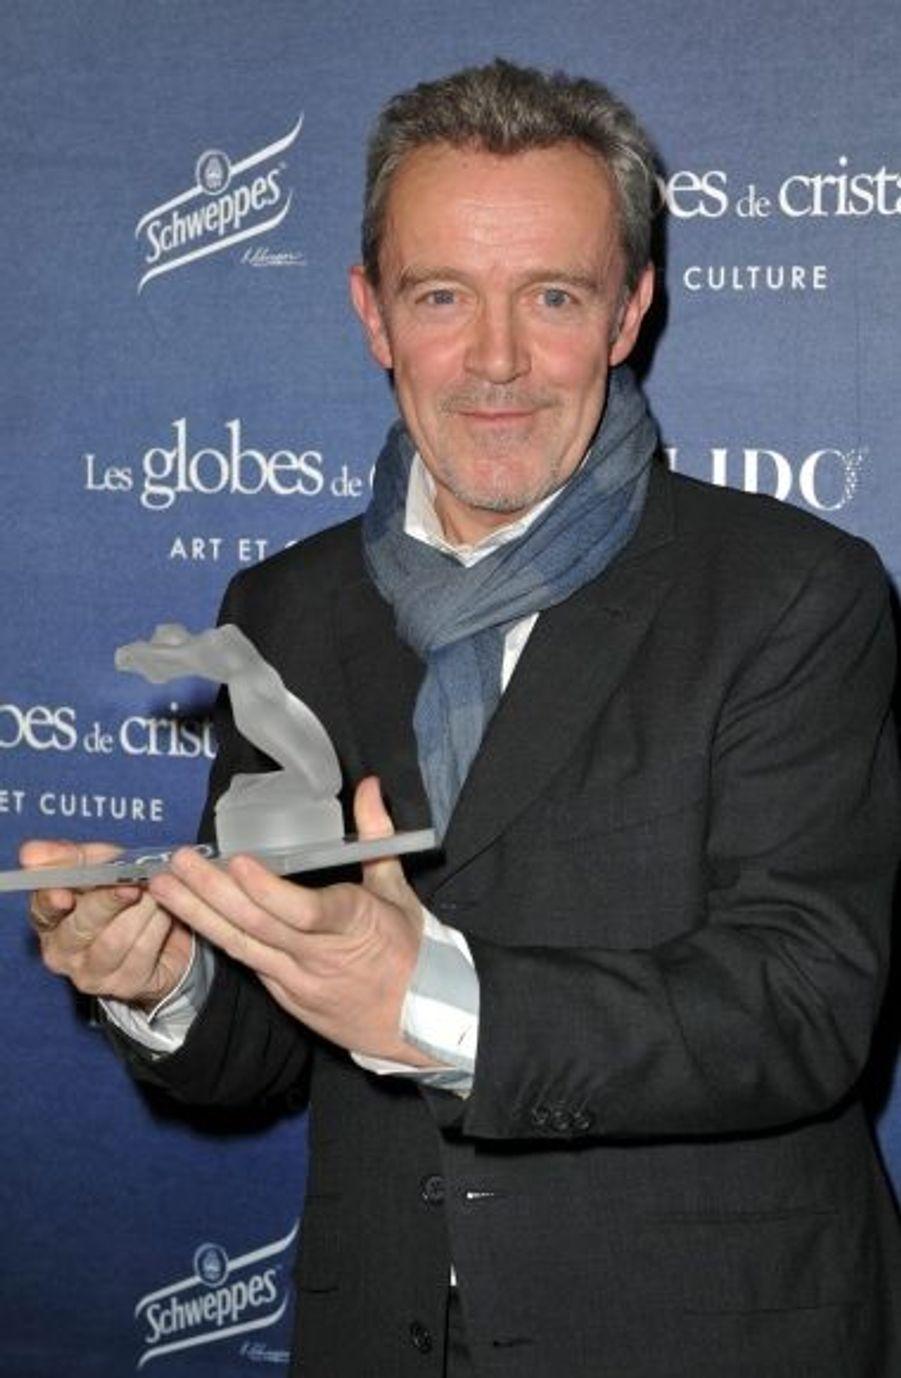 Le chef Alain Passard -et ancien compagnon d'Audrey Pulvar- a pour sa part reçu la Pépite de Cristal, qui récompense chaque année une oeuvre, un artiste ou une personnalité qui participe au rayonnement de la culture française. Il succède ainsi à Isabelle Adjani.